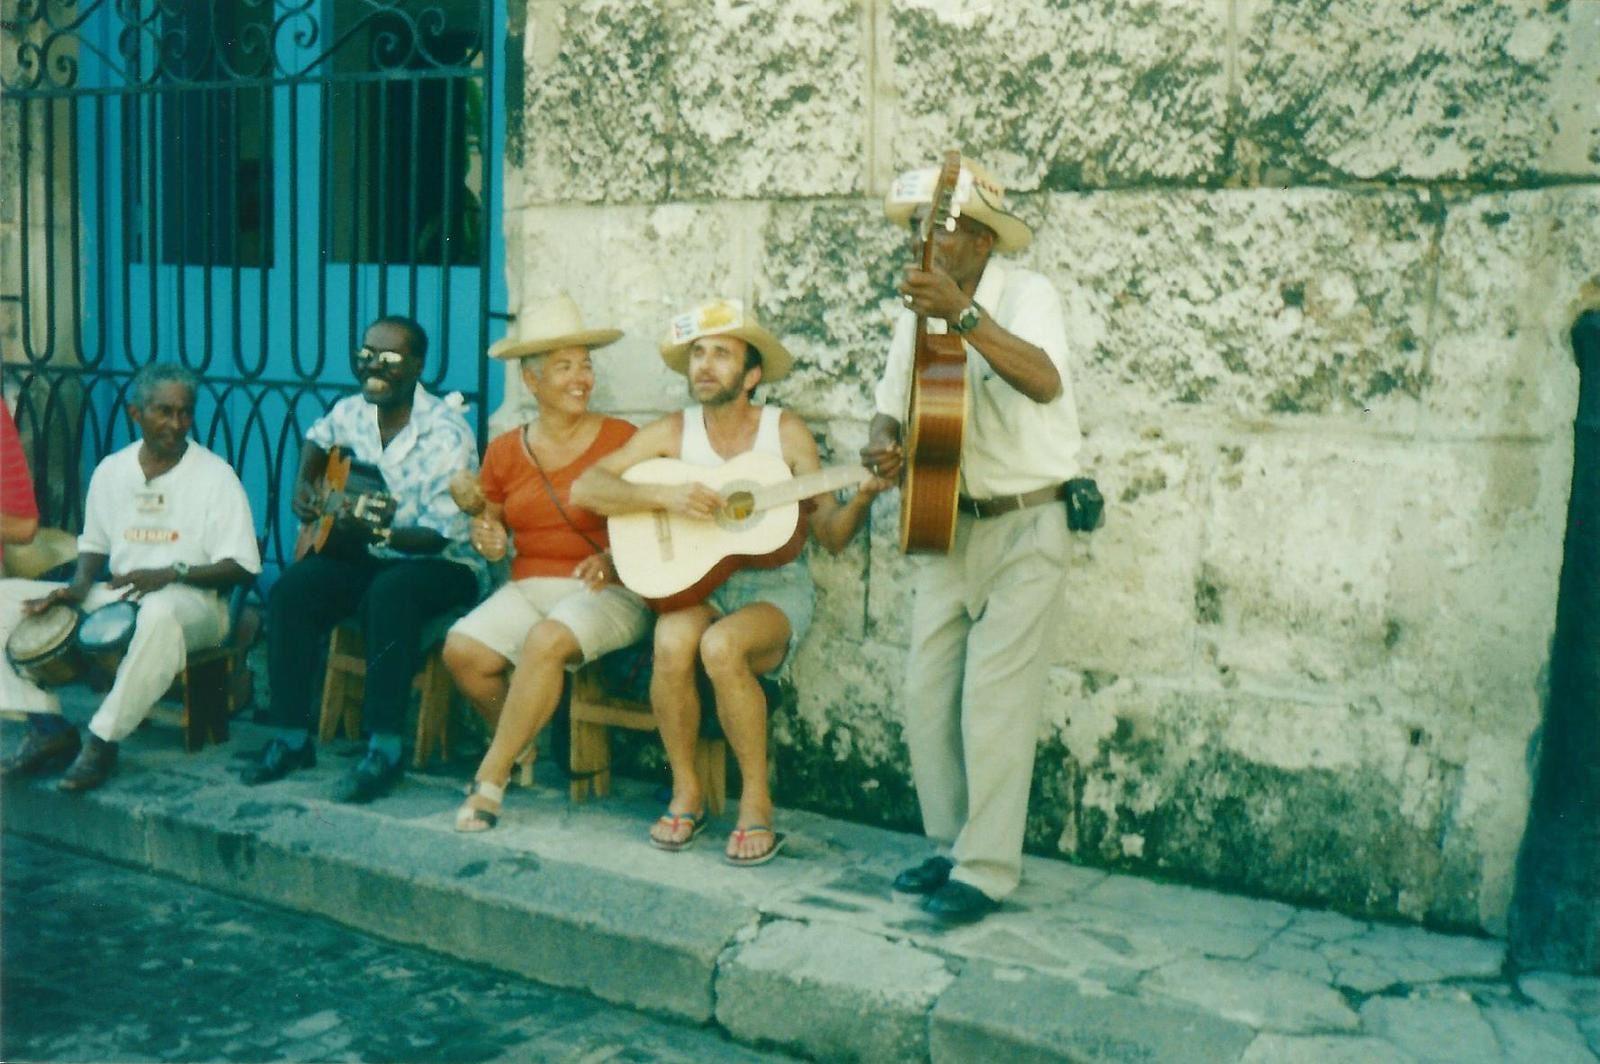 photos prises à Cuba pendant leur dernière semaine du 12 au 19 septembre 2001&#x3B; photos exhumées et scannées 15 ans après&#x3B; photos prises par Nadia qui a su nous retrouver et nous les communiquer